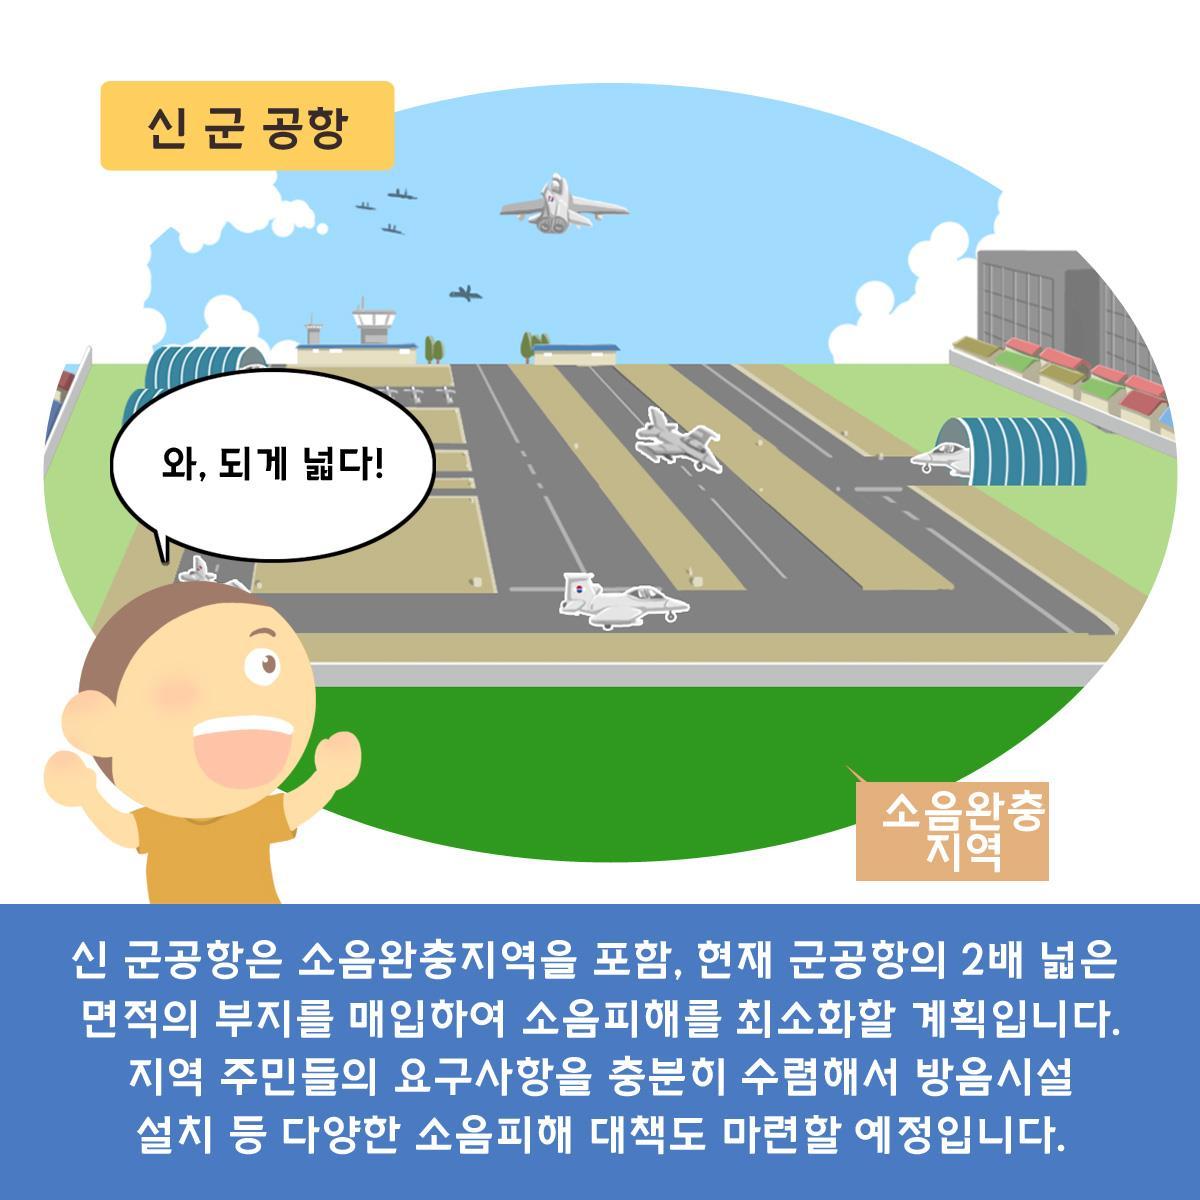 군 공항 이전 사업14